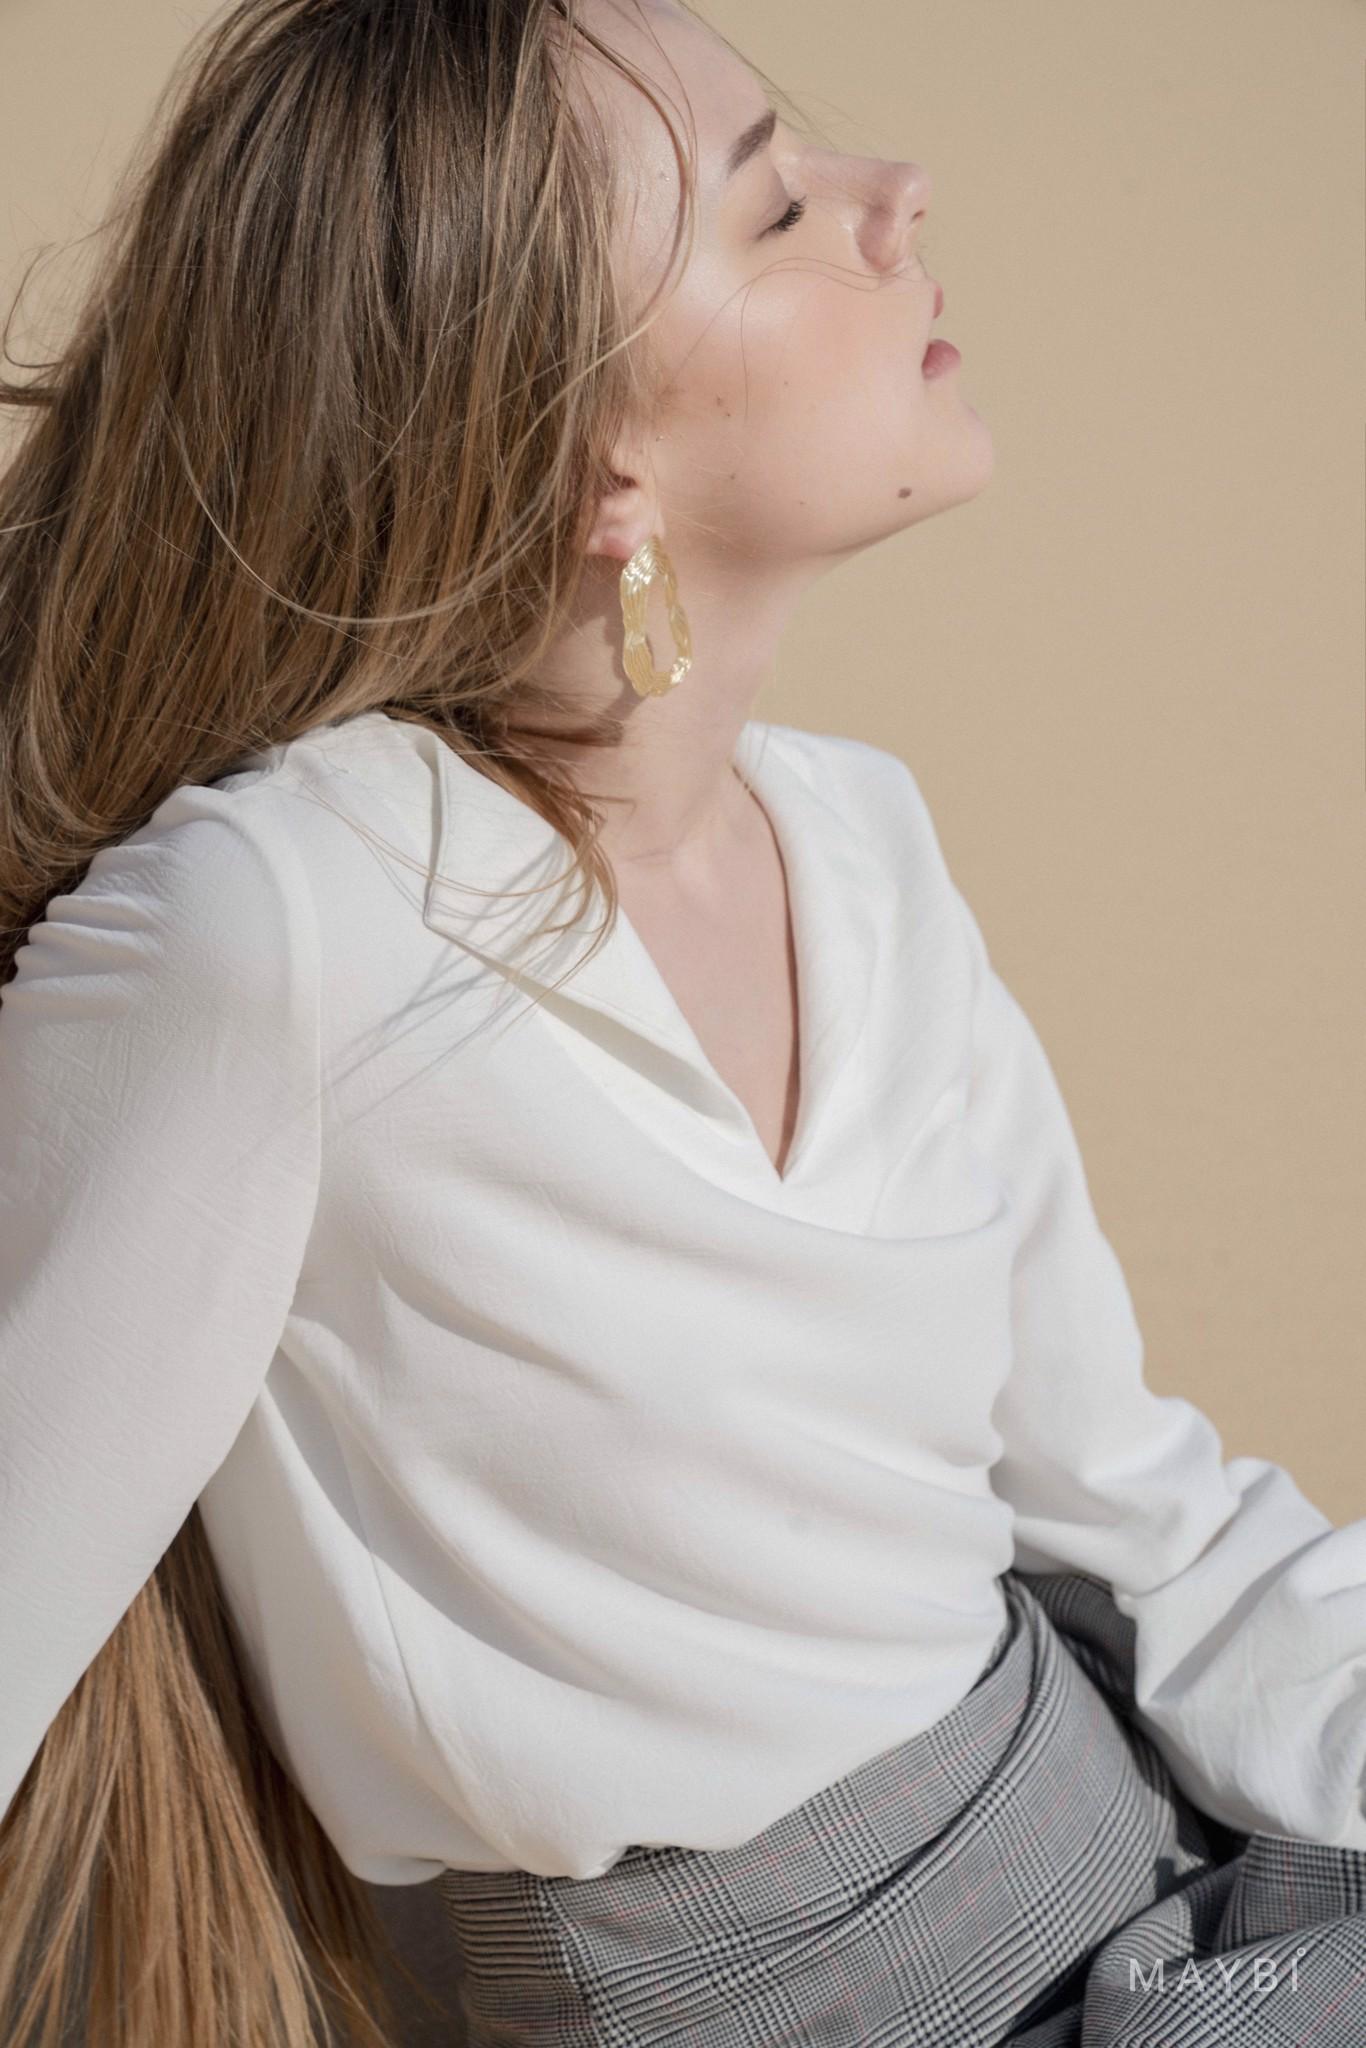 Áo trắng cổ xẻ - Eggie Shirt